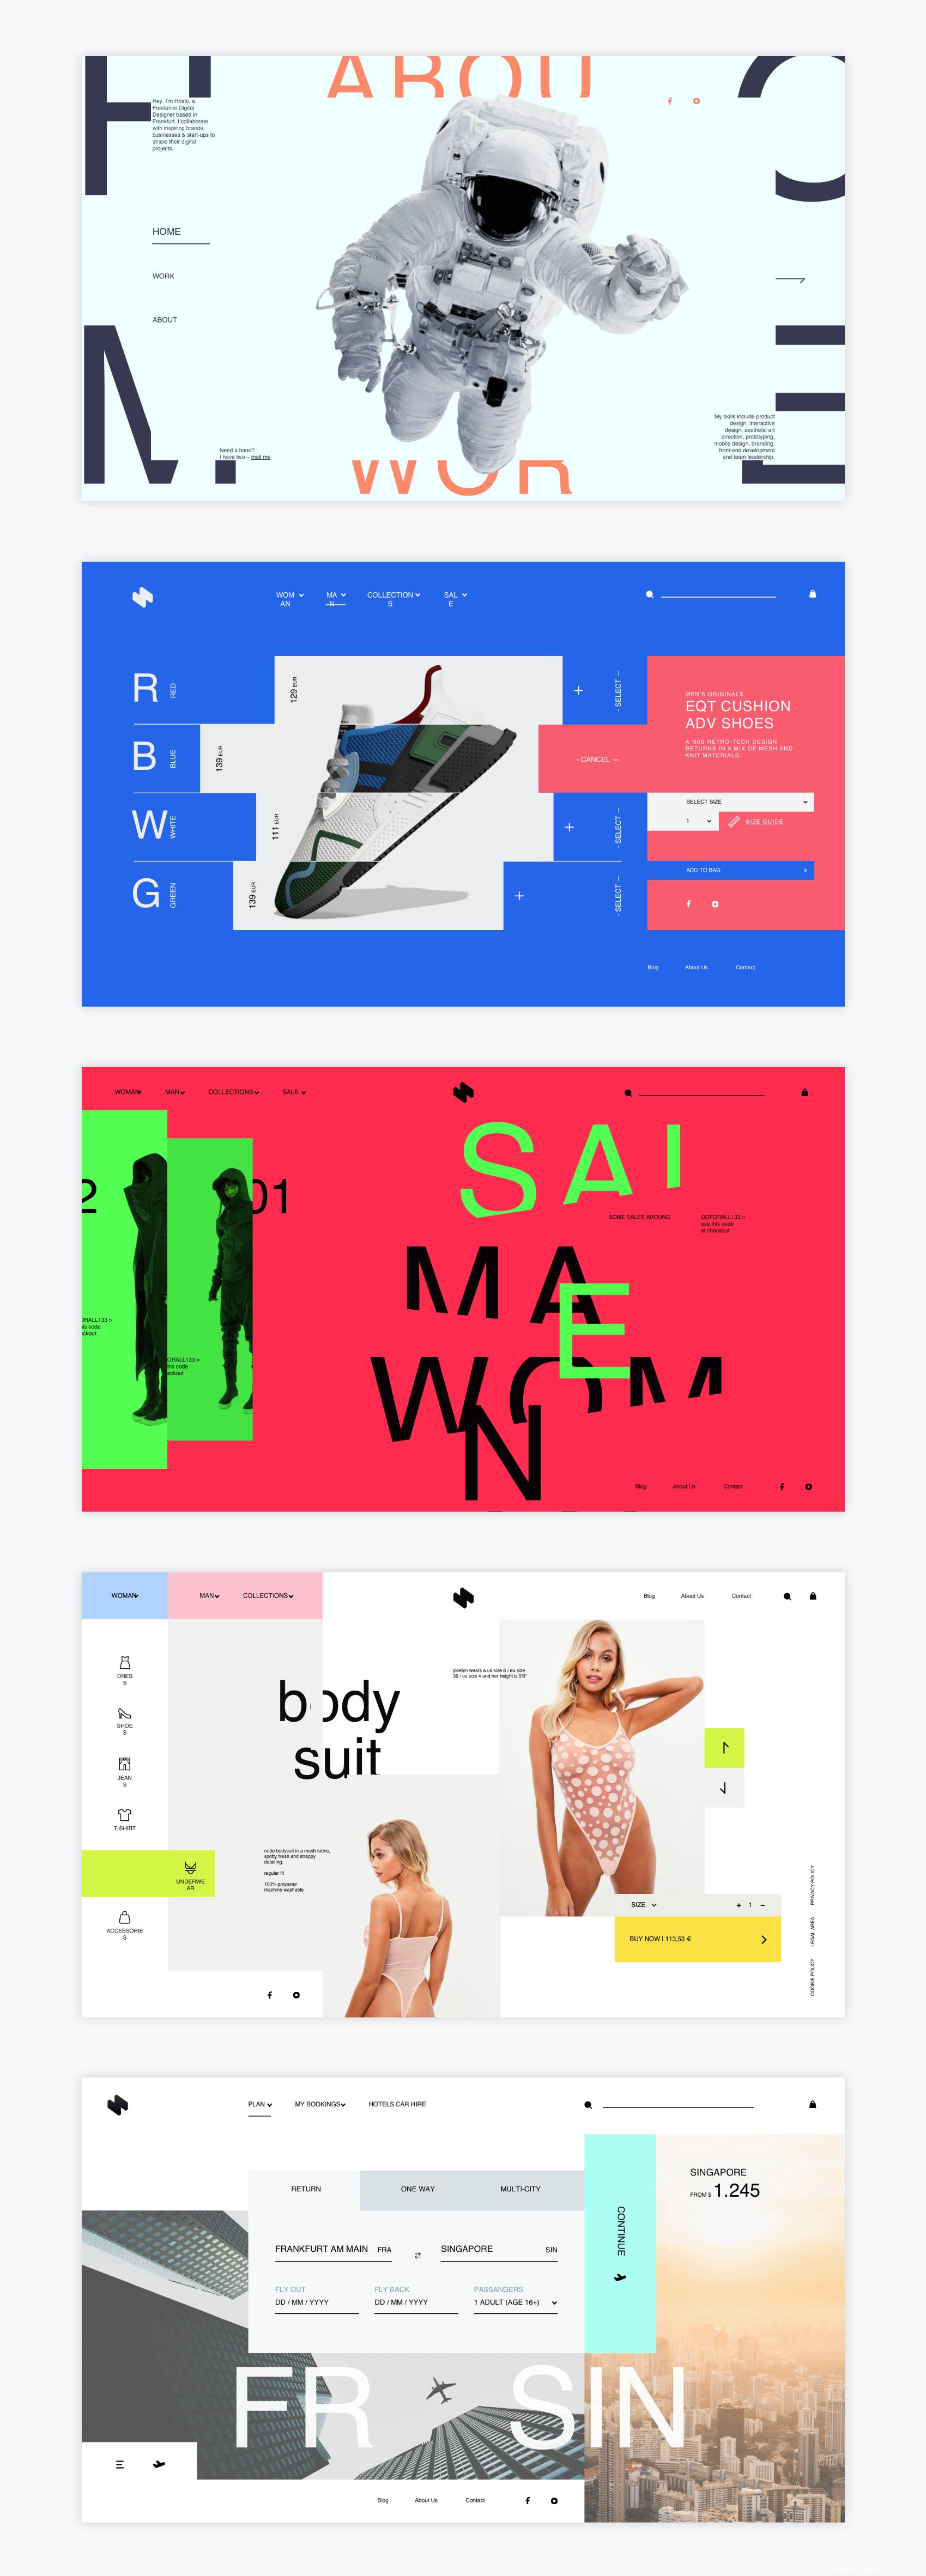 高端品牌网页设计/作品集排版UI模板源文件